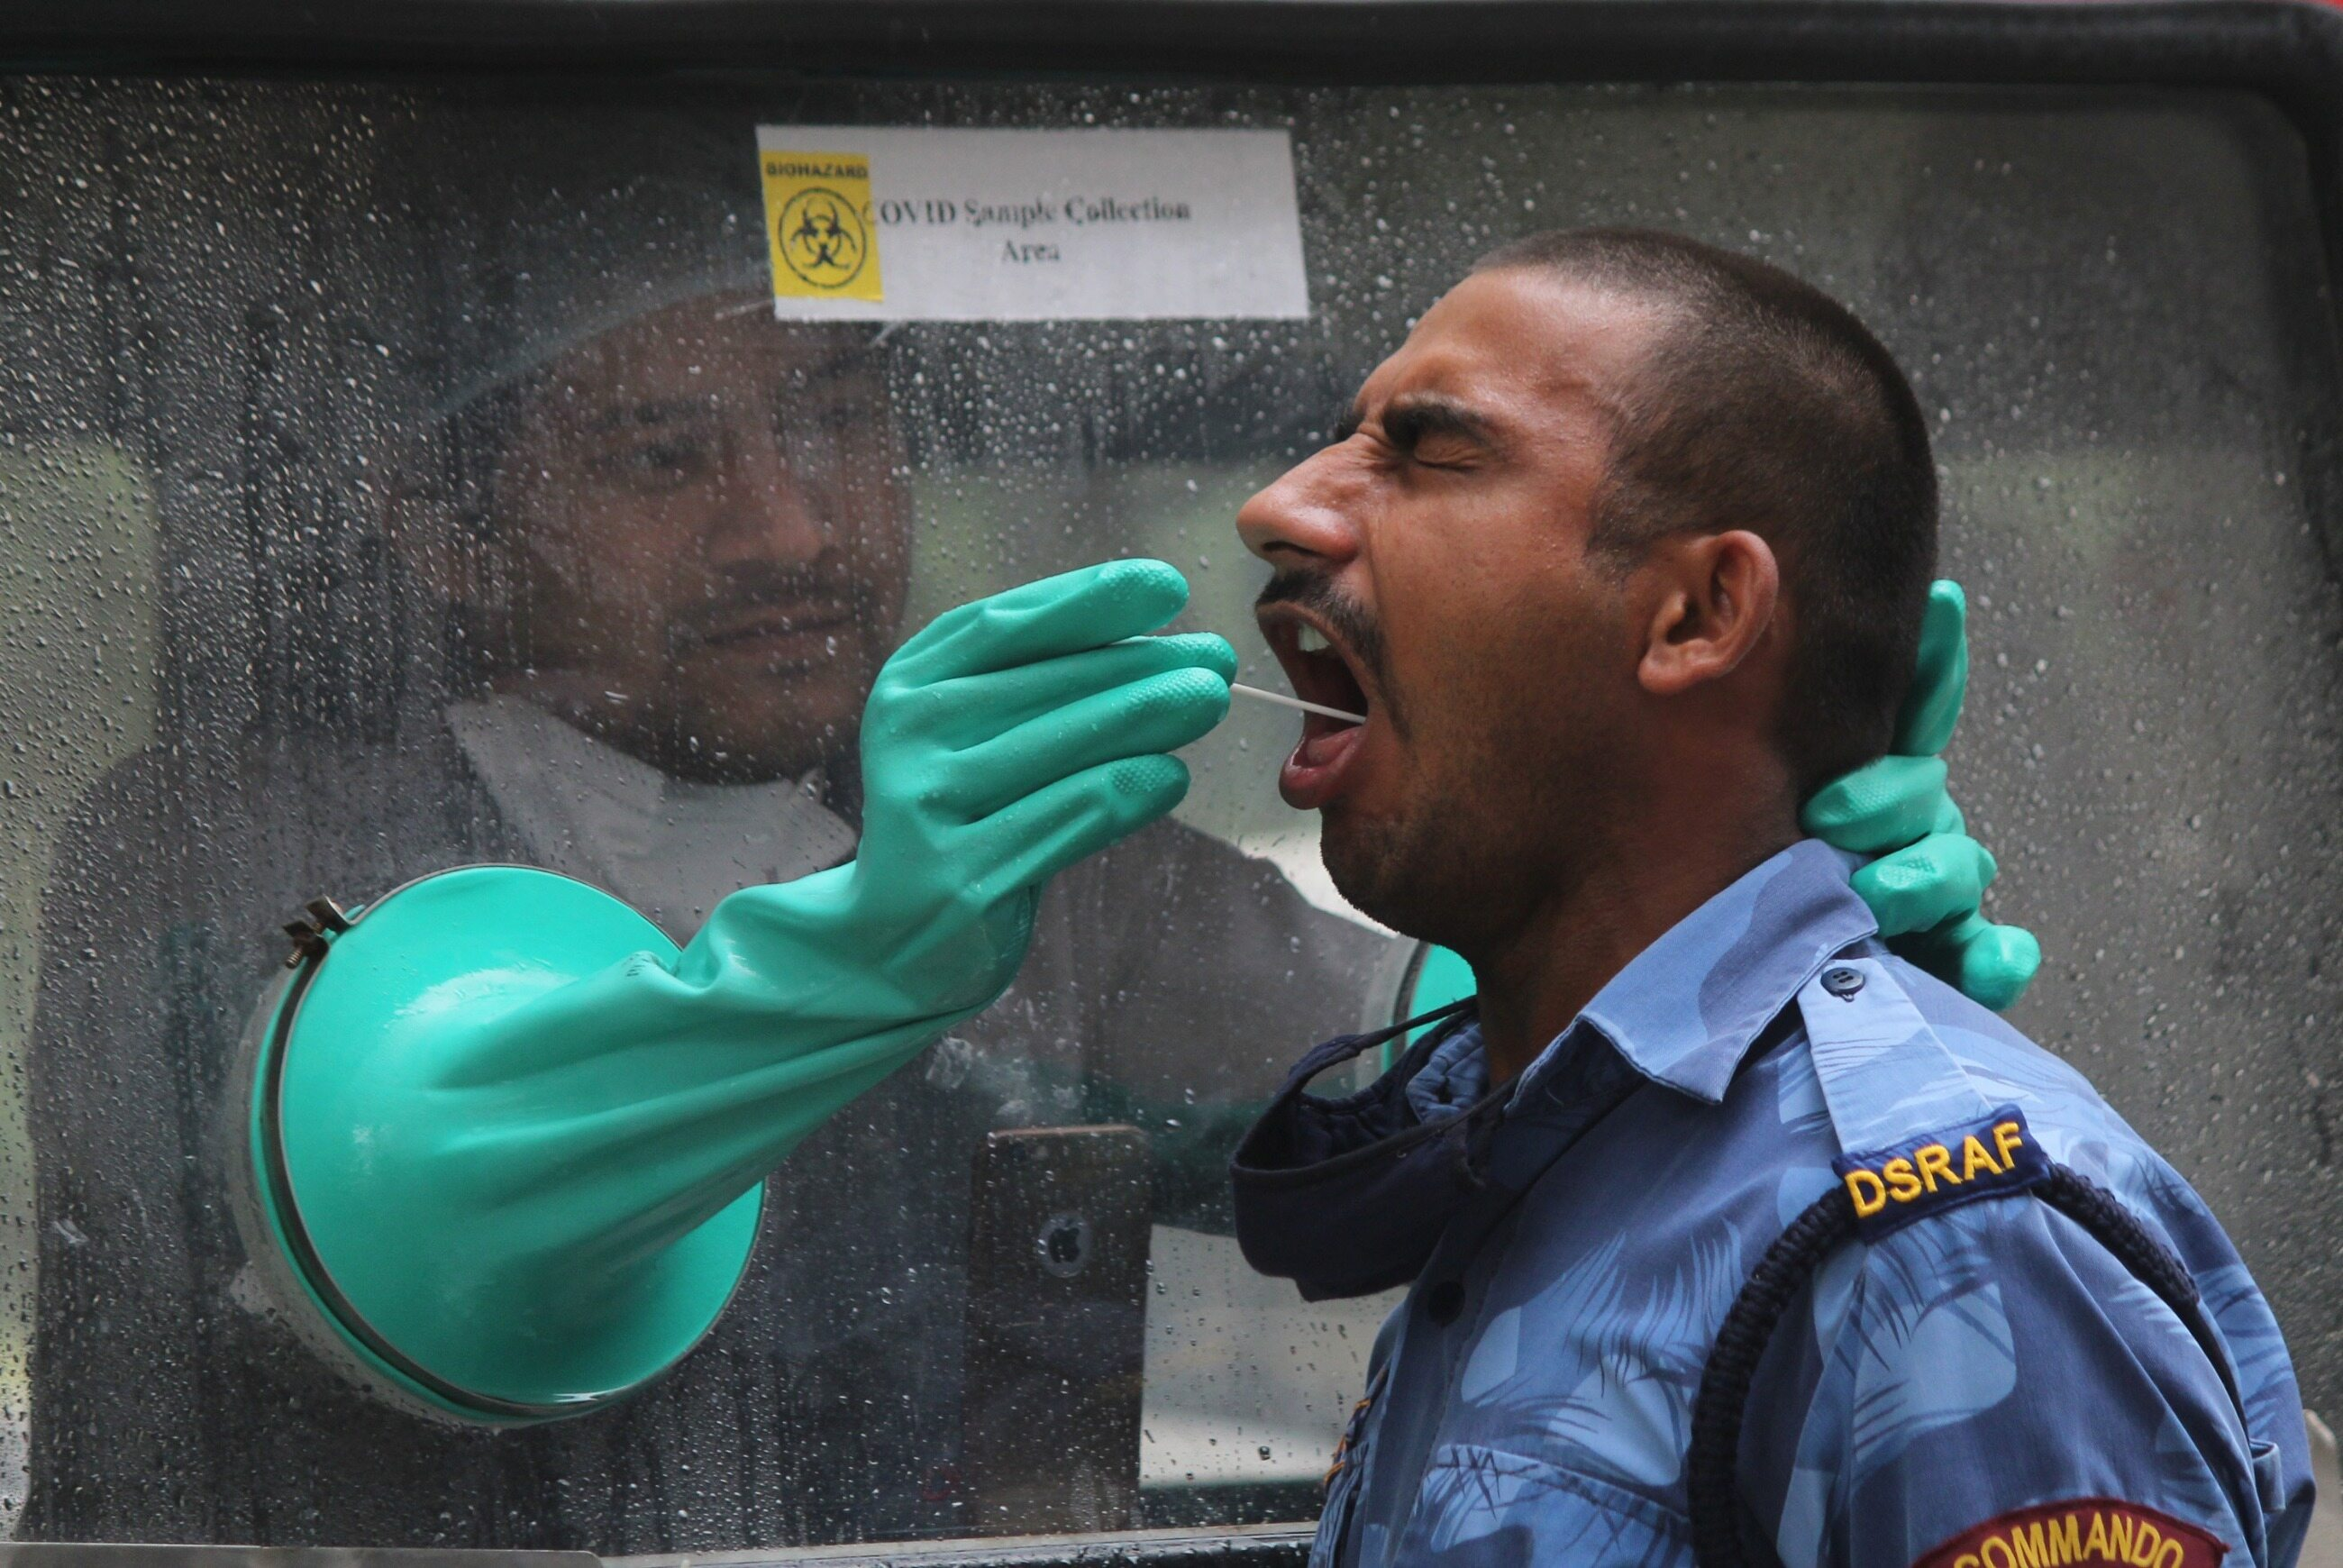 Pobieranie próbek od policjantów podczas ogólnokrajowej blokady związanej z pandemią, 10 maja, Gurugram, Indie